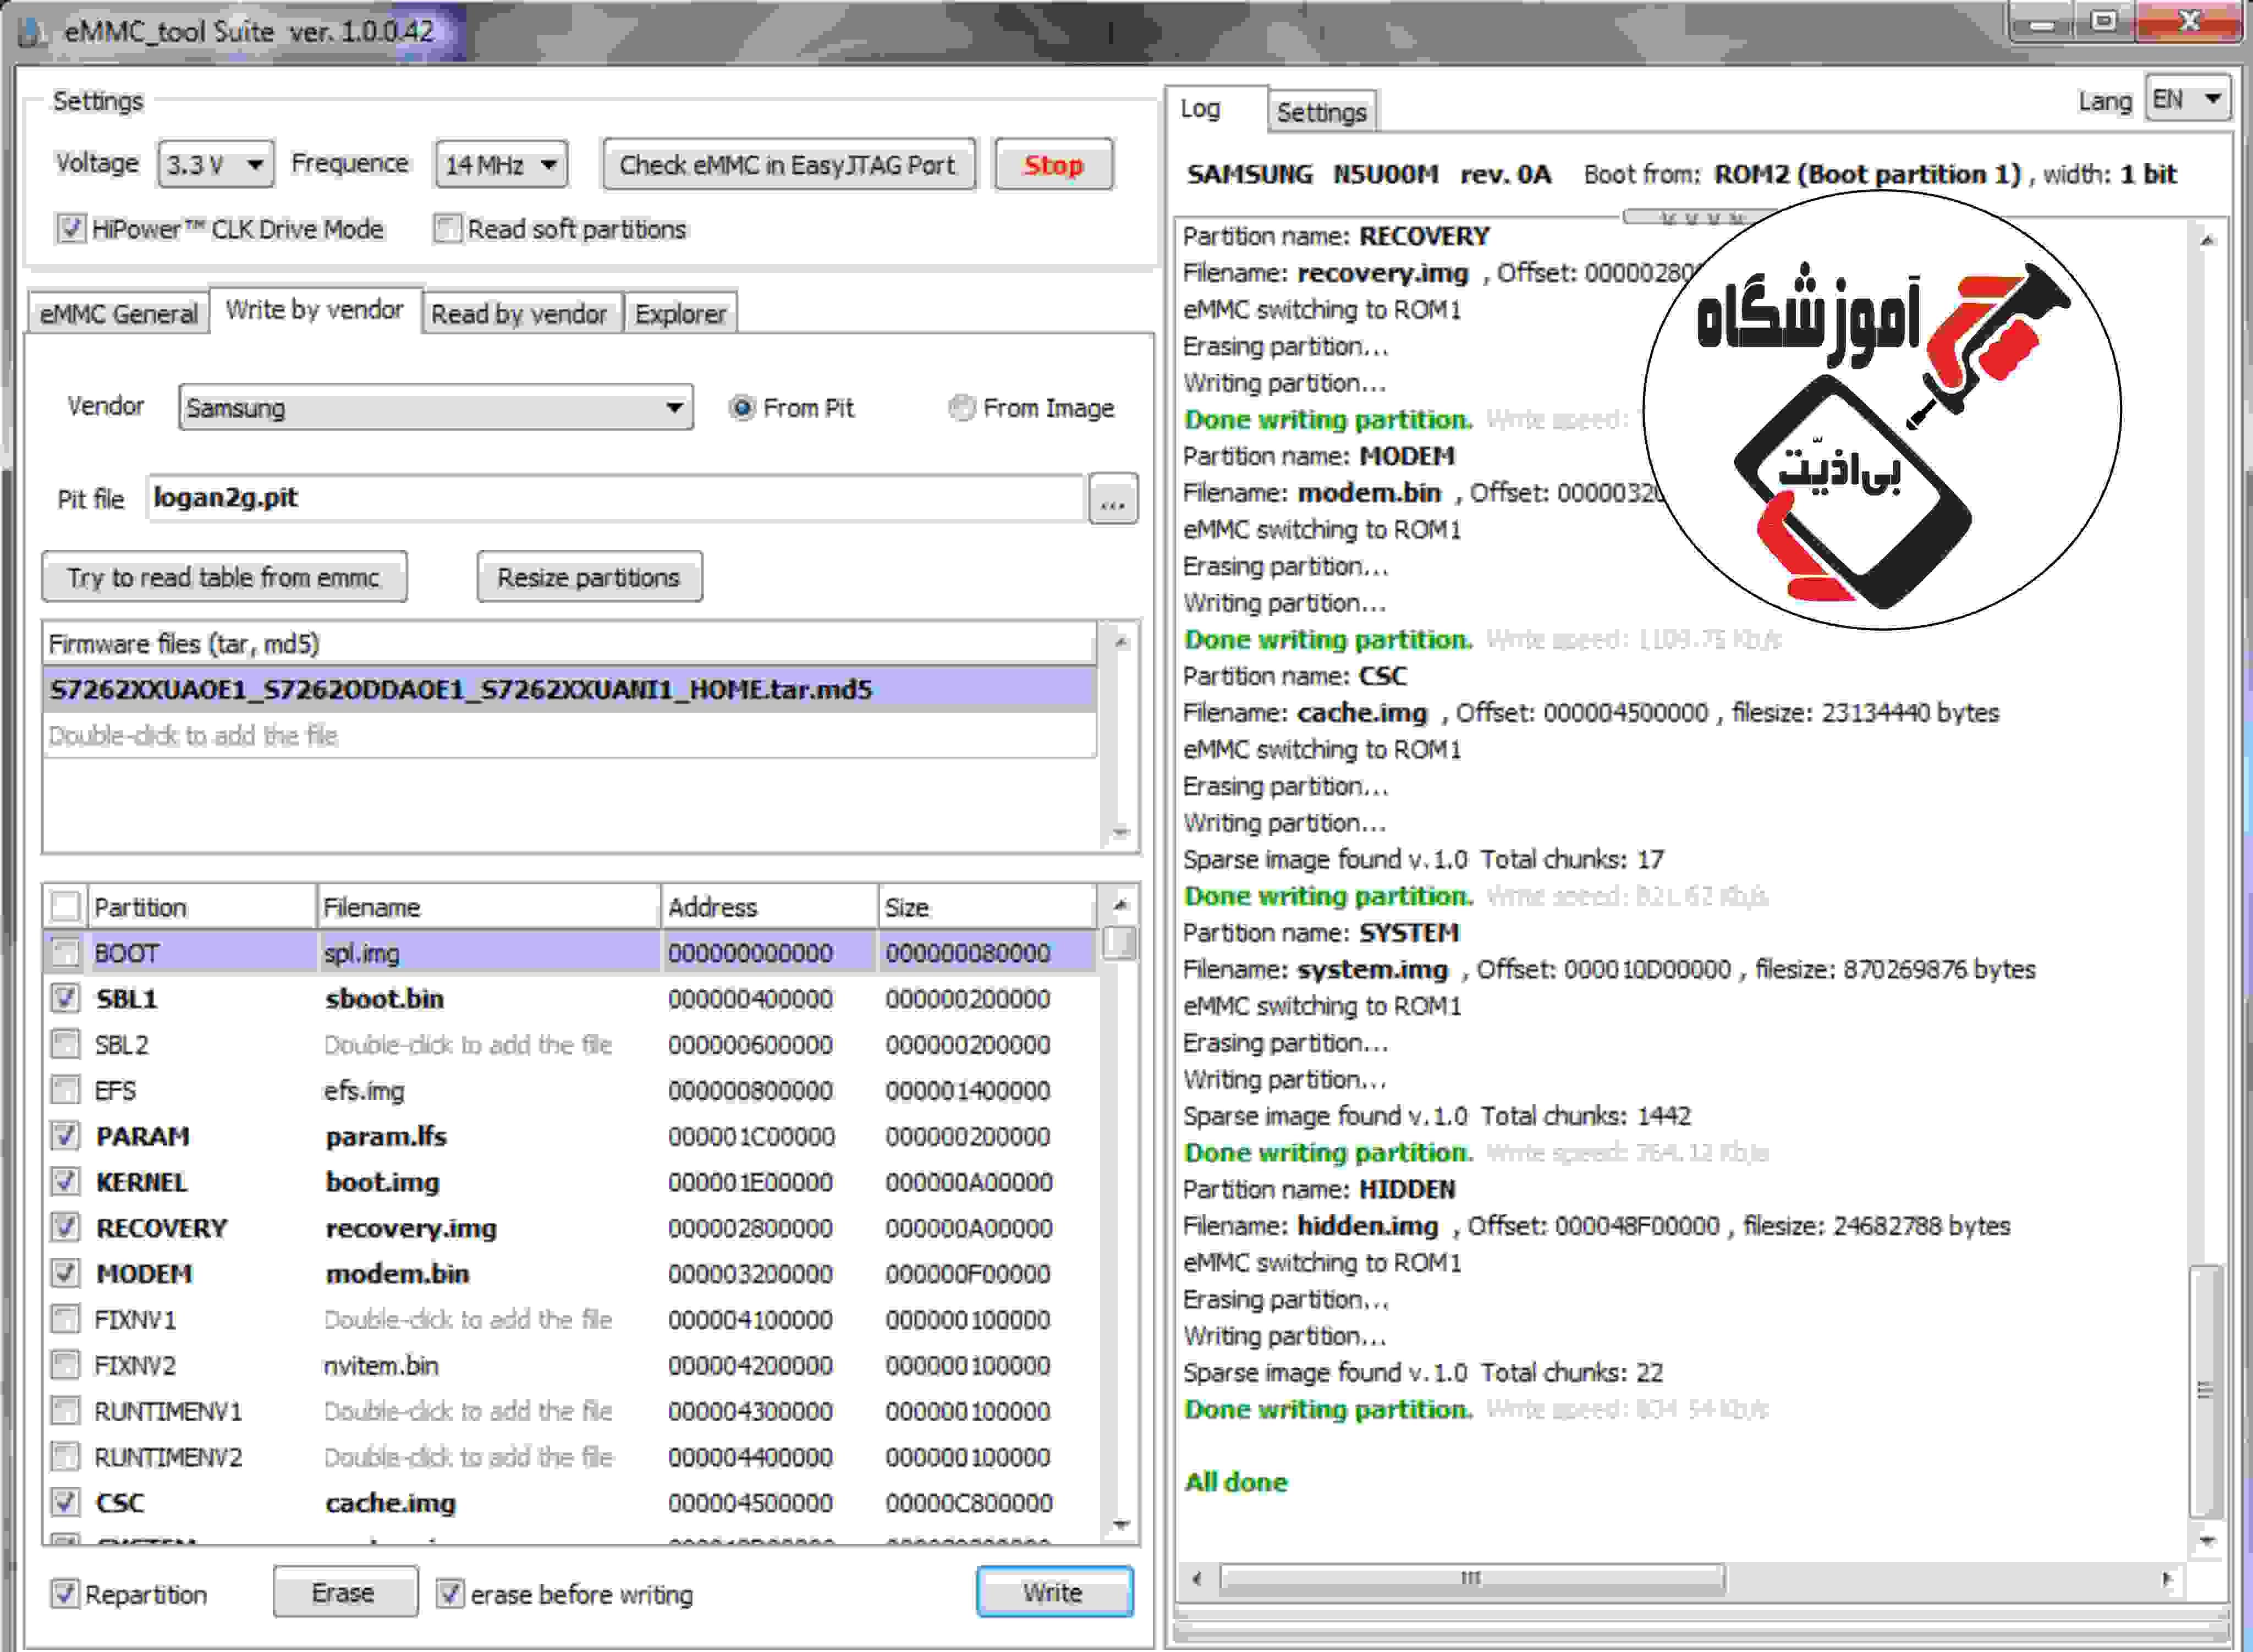 Emmc Tool Suite